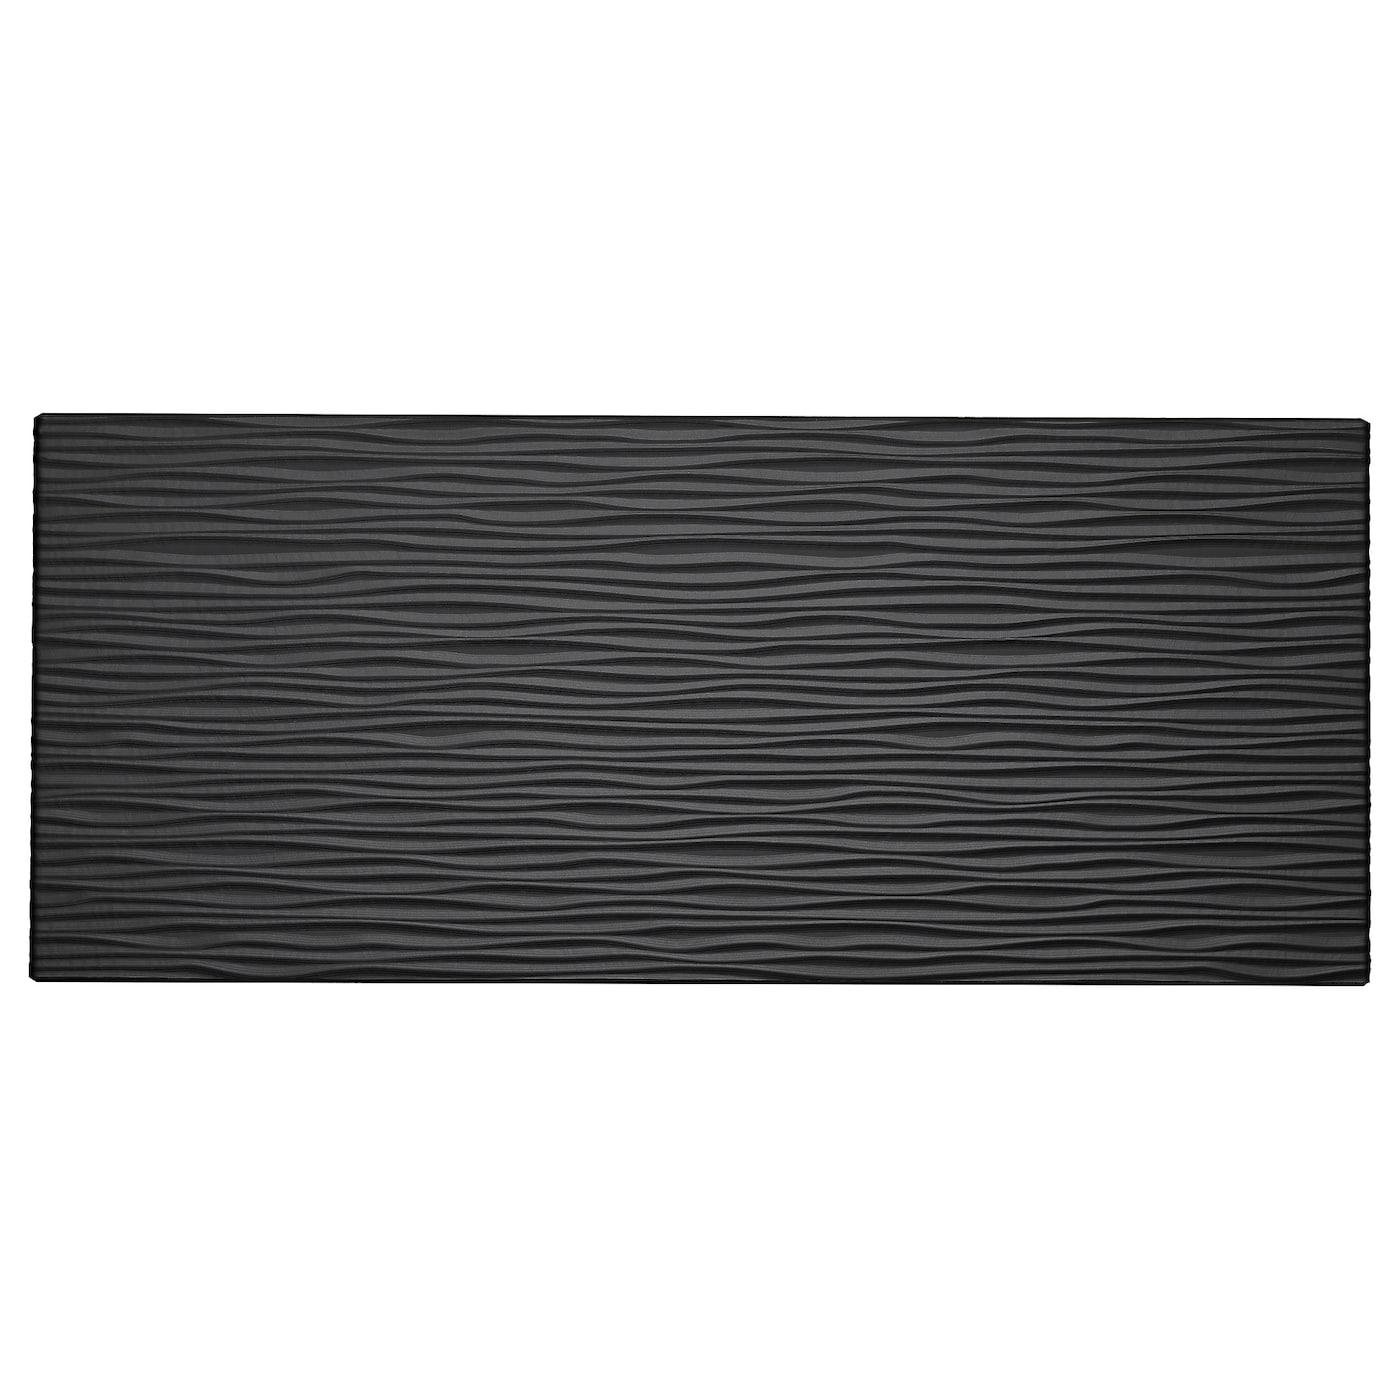 laxviken ladefront zwart 60x26 cm ikea. Black Bedroom Furniture Sets. Home Design Ideas